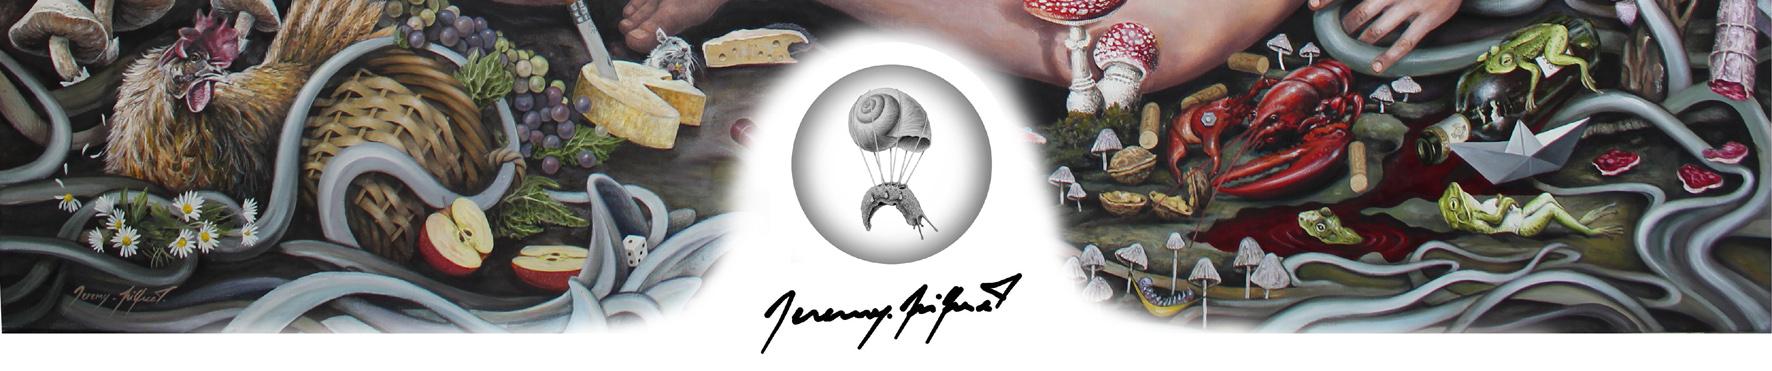 Jérémy Piquet - Artiste peintre, dessinateur